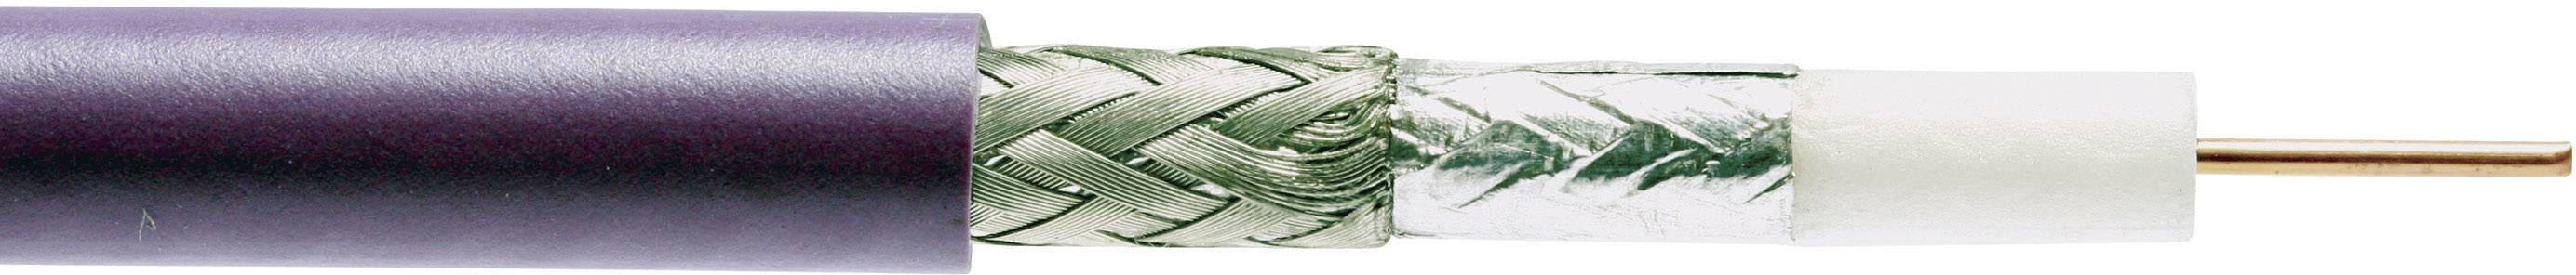 Koaxiálny kábel Belden 1694A-GN, 75 Ohm, metrový tovar, zelená